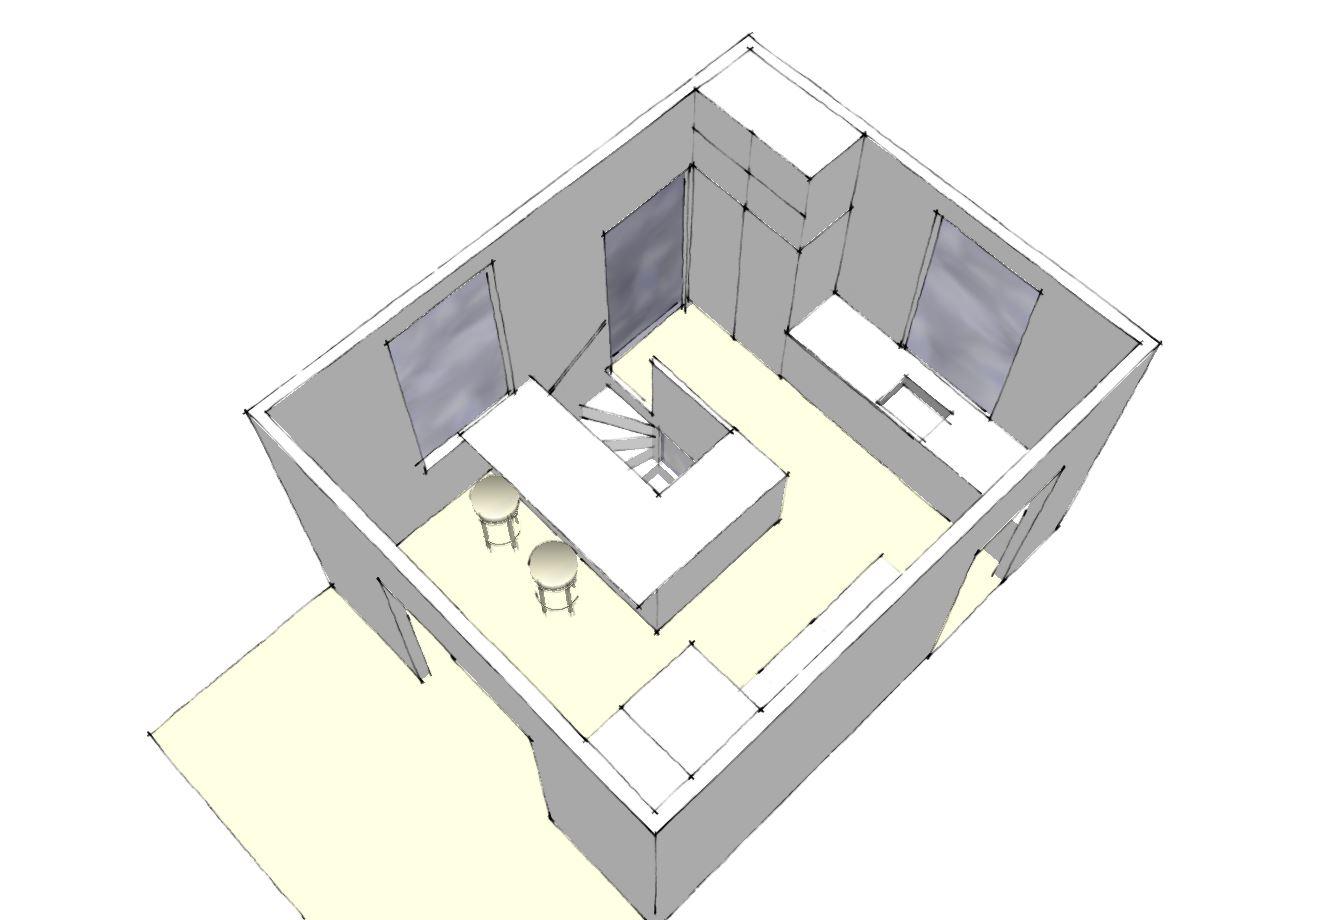 Modernisering af kælder, nyt badeværelse m.v. - ARKINAUT